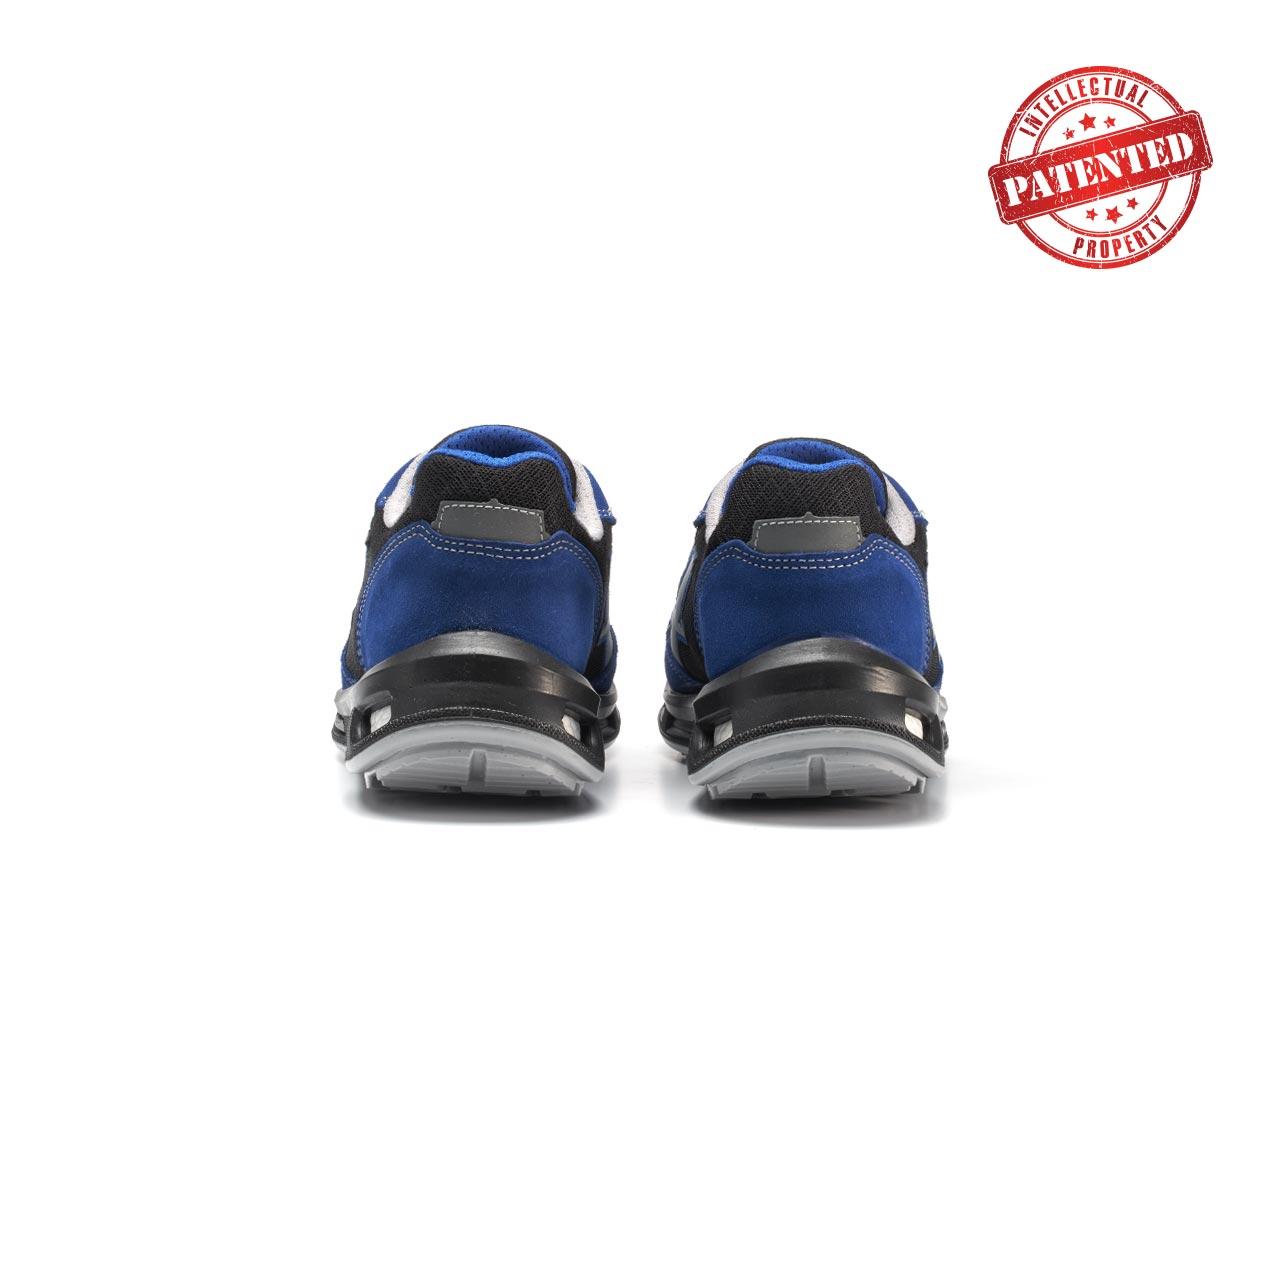 paio di scarpe antinfortunistiche upower modello dea linea redlion vista retro